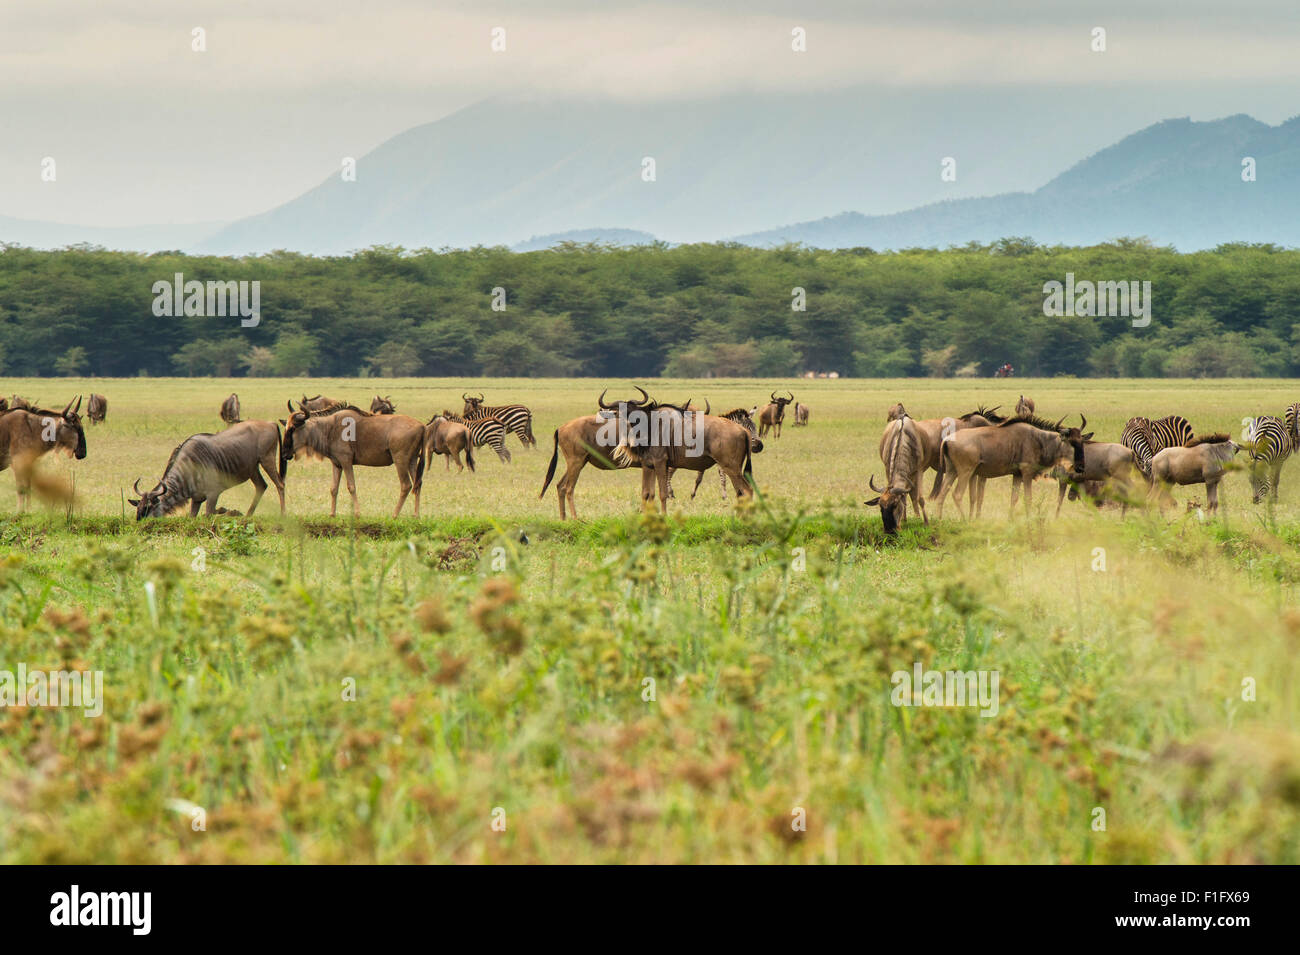 Lago Manyara Tanzania safari Wildebeast y pastan Zebra Imagen De Stock